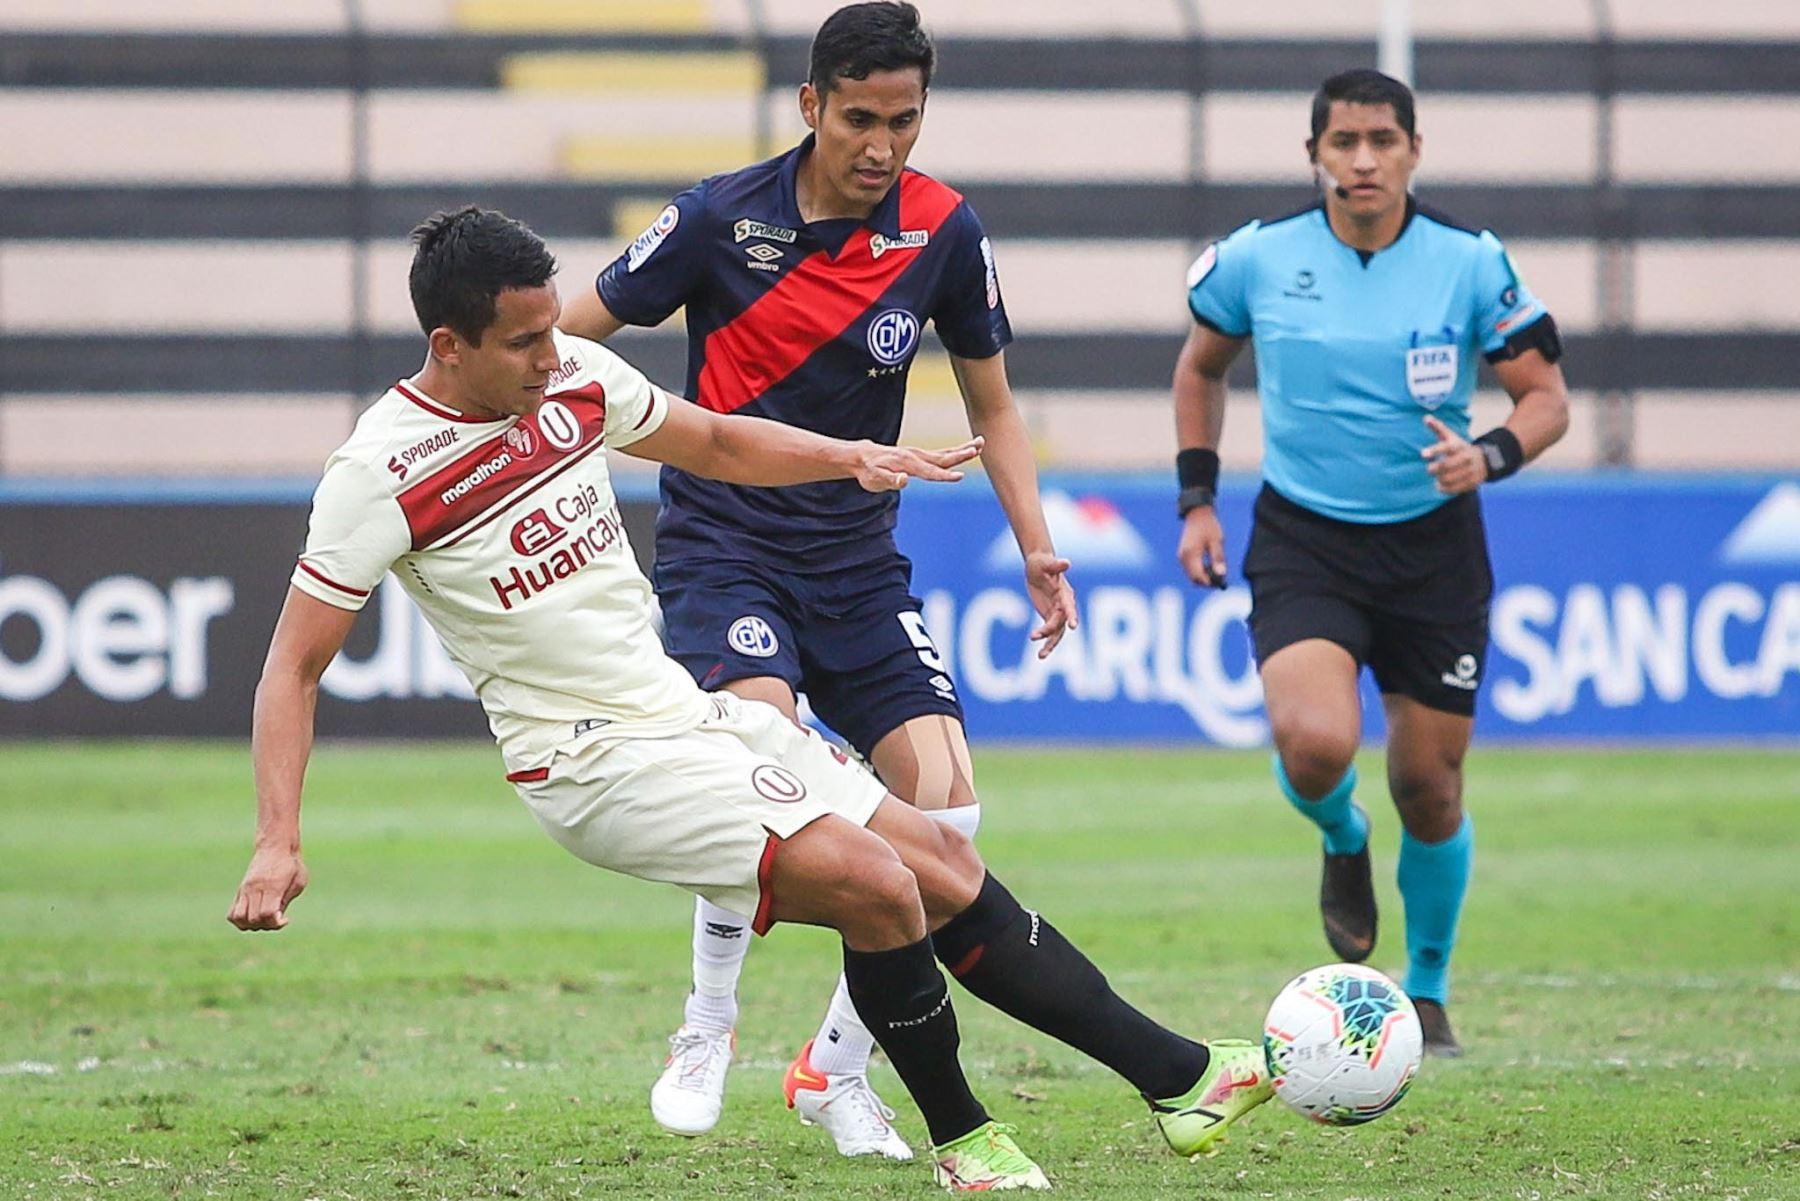 Universitario de Deportes se enfrenta a Deportivo Municipal en el estadio Miguel Grau del Callao por la Fase 2 de la Liga 1. Foto: FPF